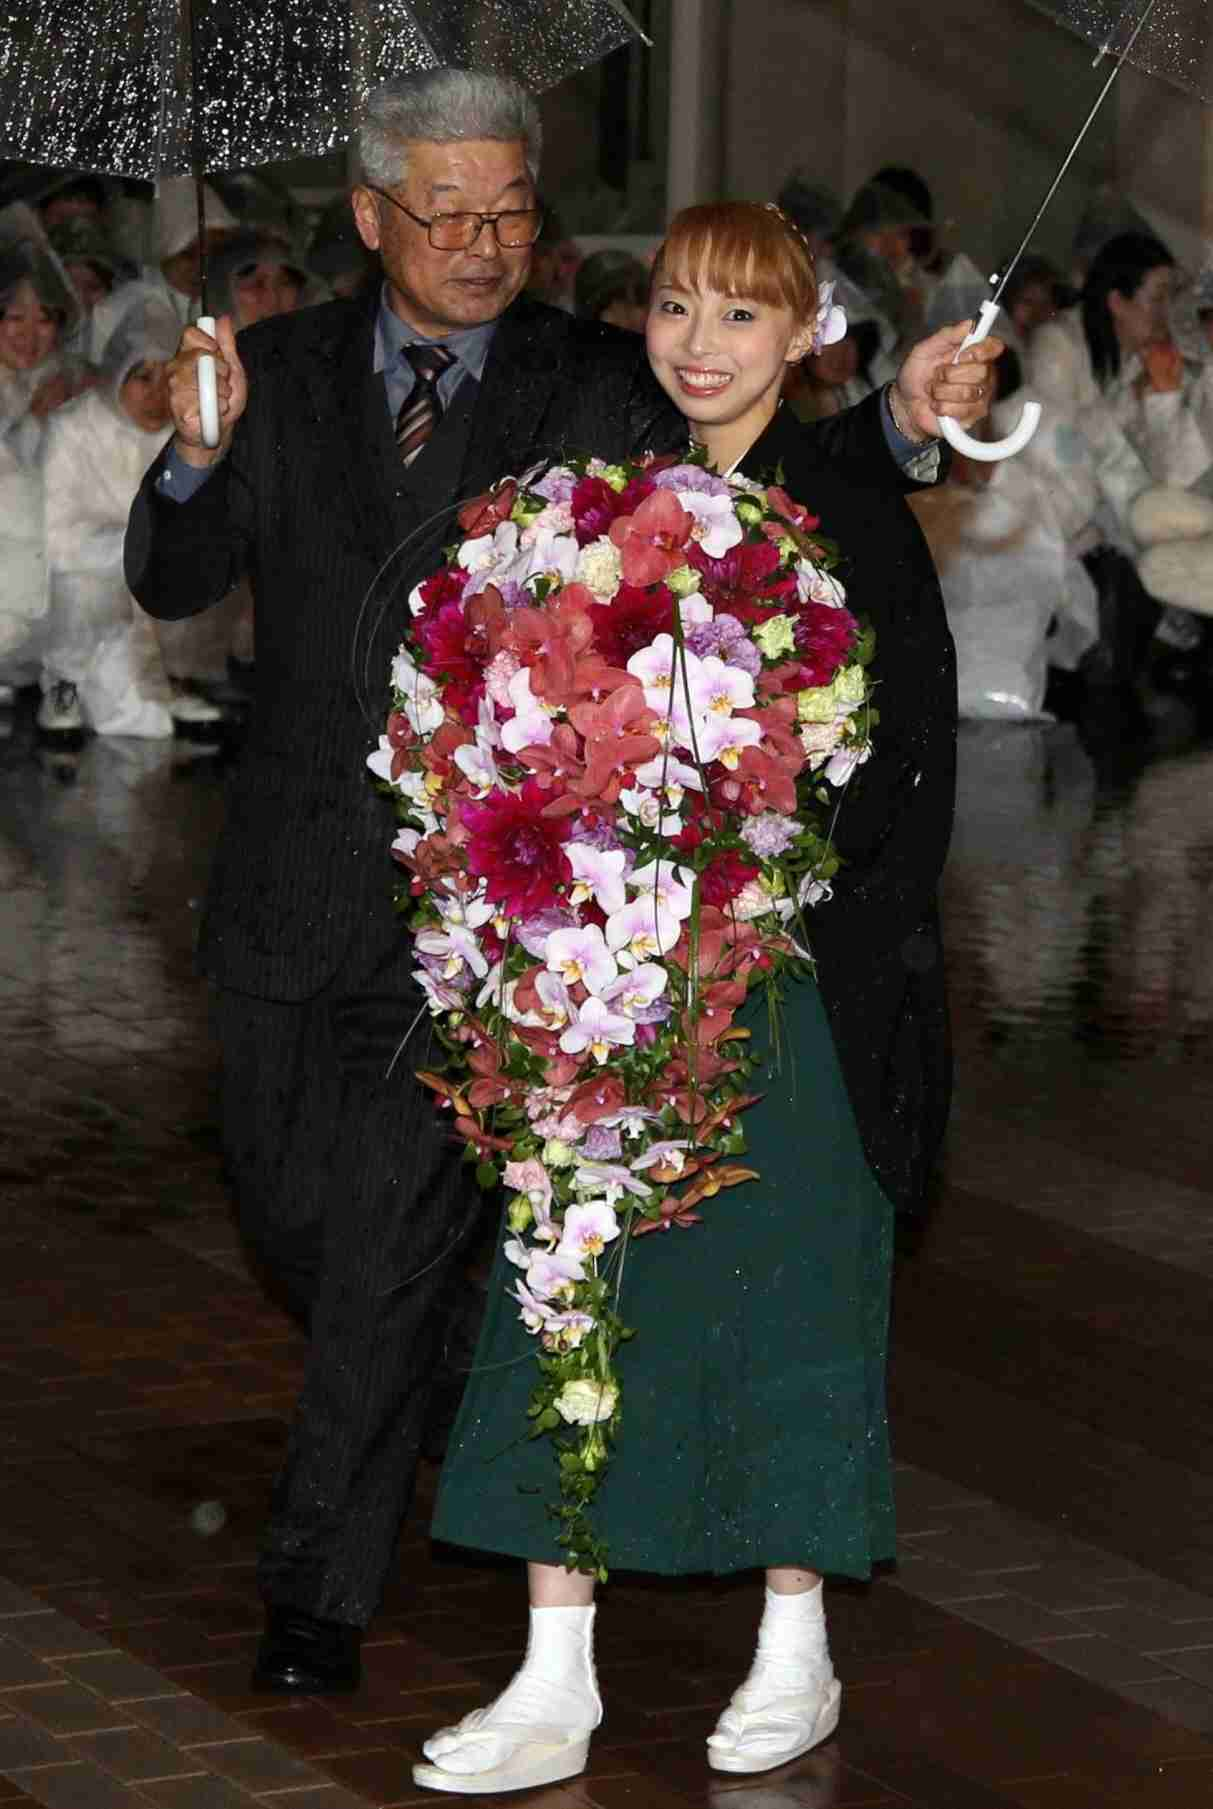 相武紗季の姉・音花ゆり、本拠地に別れ…タカラヅカ屈指の歌姫 (デイリースポーツ) - Yahoo!ニュース